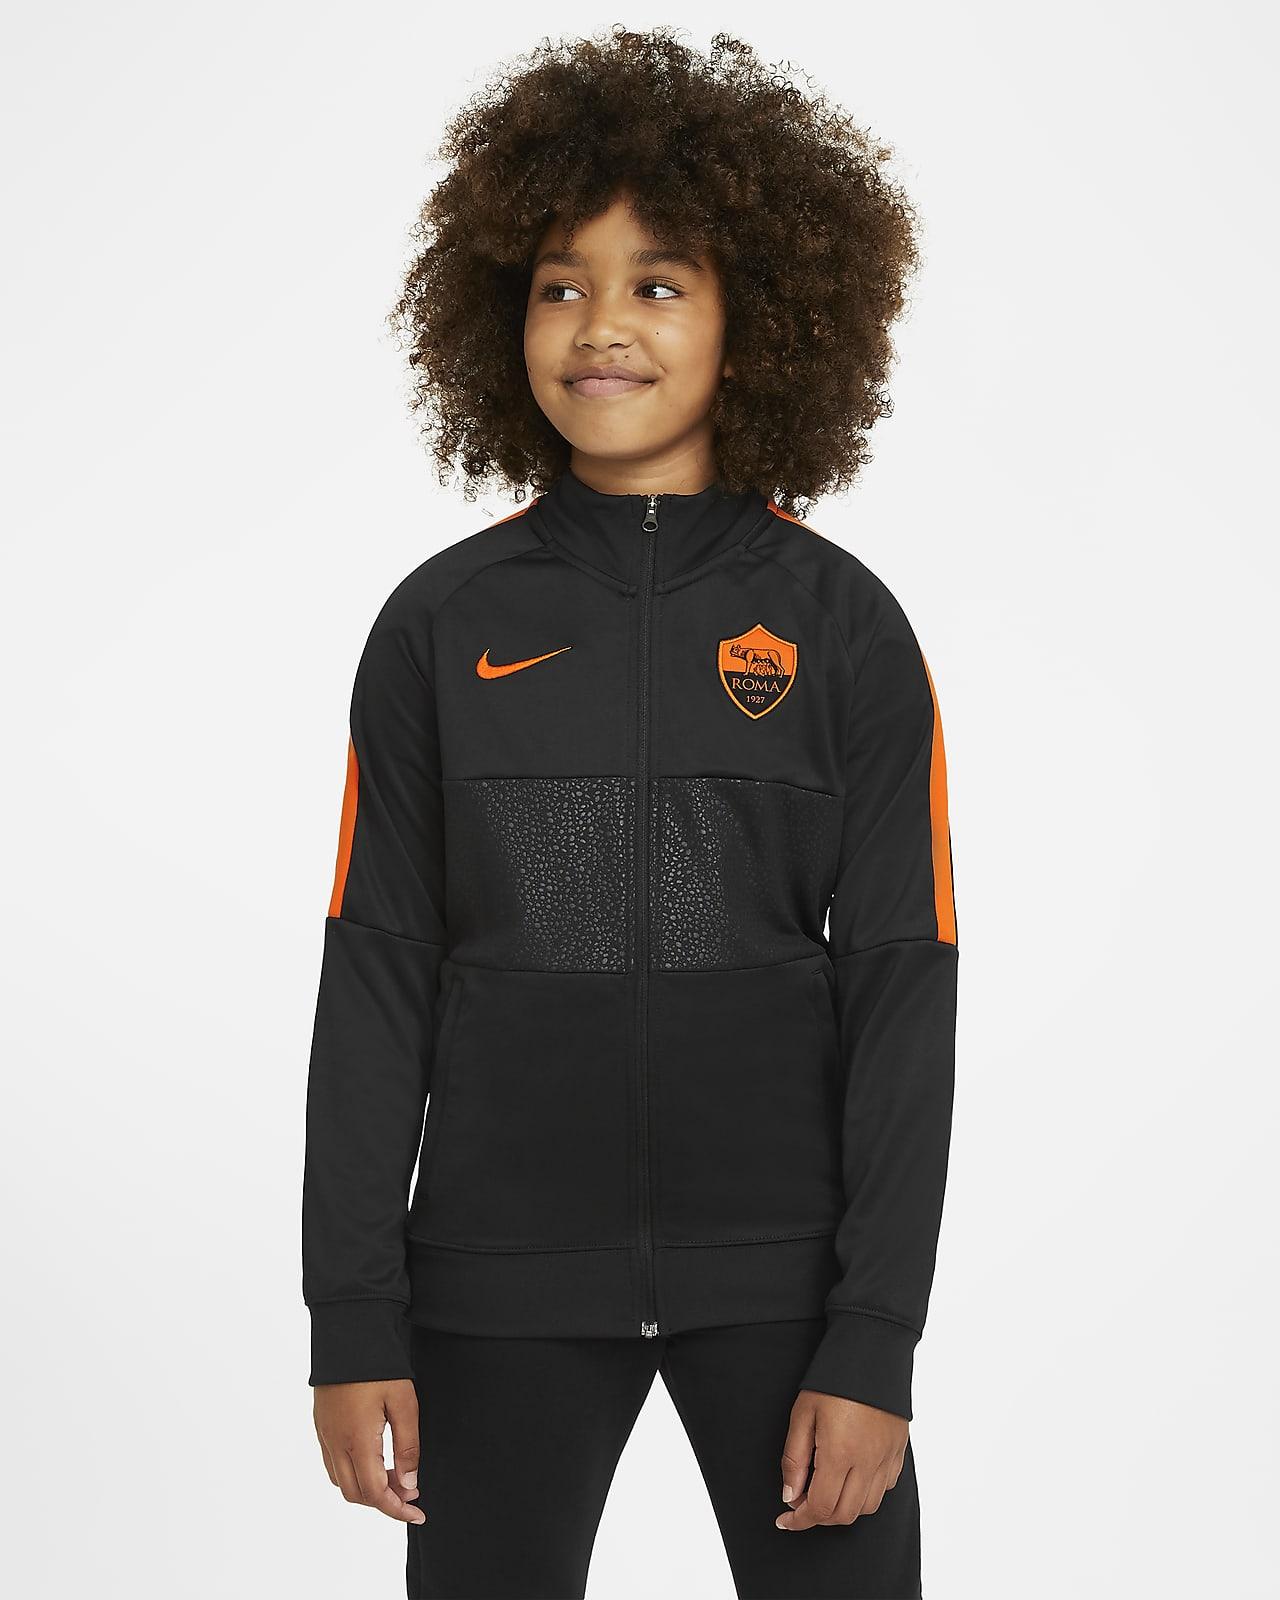 AS Roma Kids' Football Tracksuit Jacket